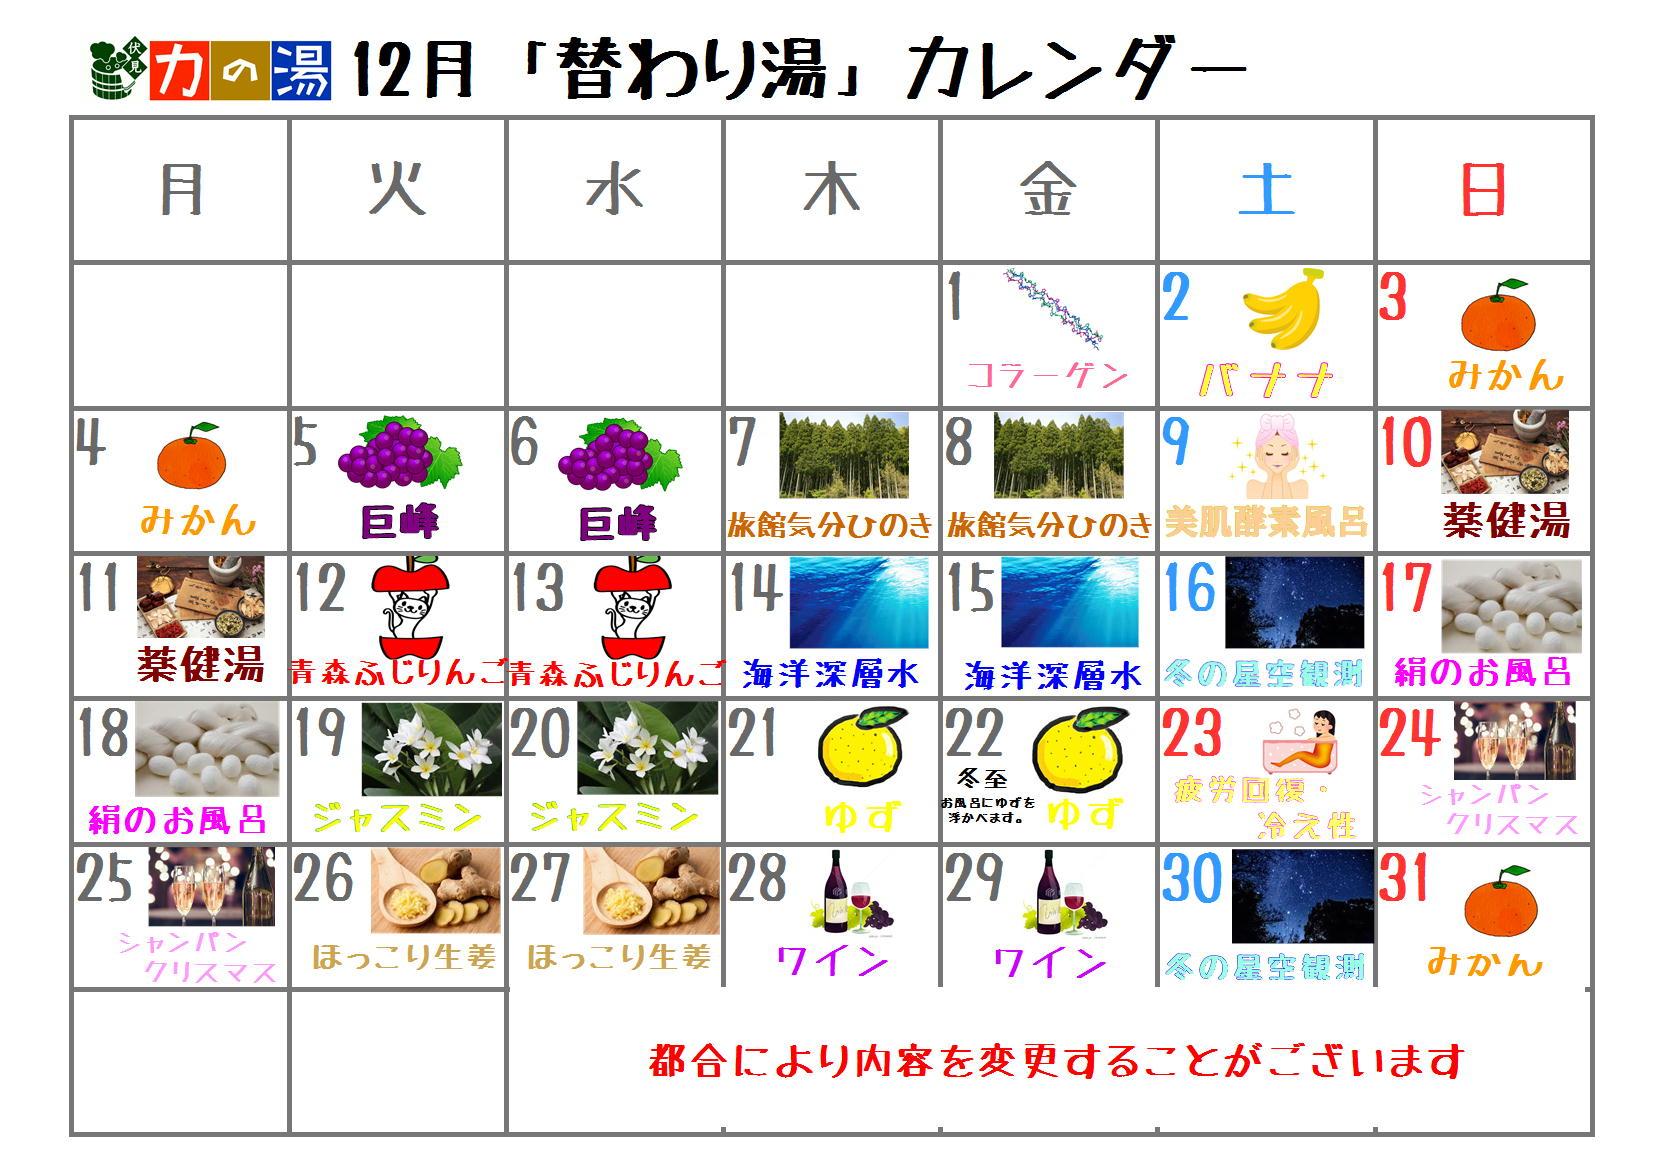 12月日替わり湯カレンダー